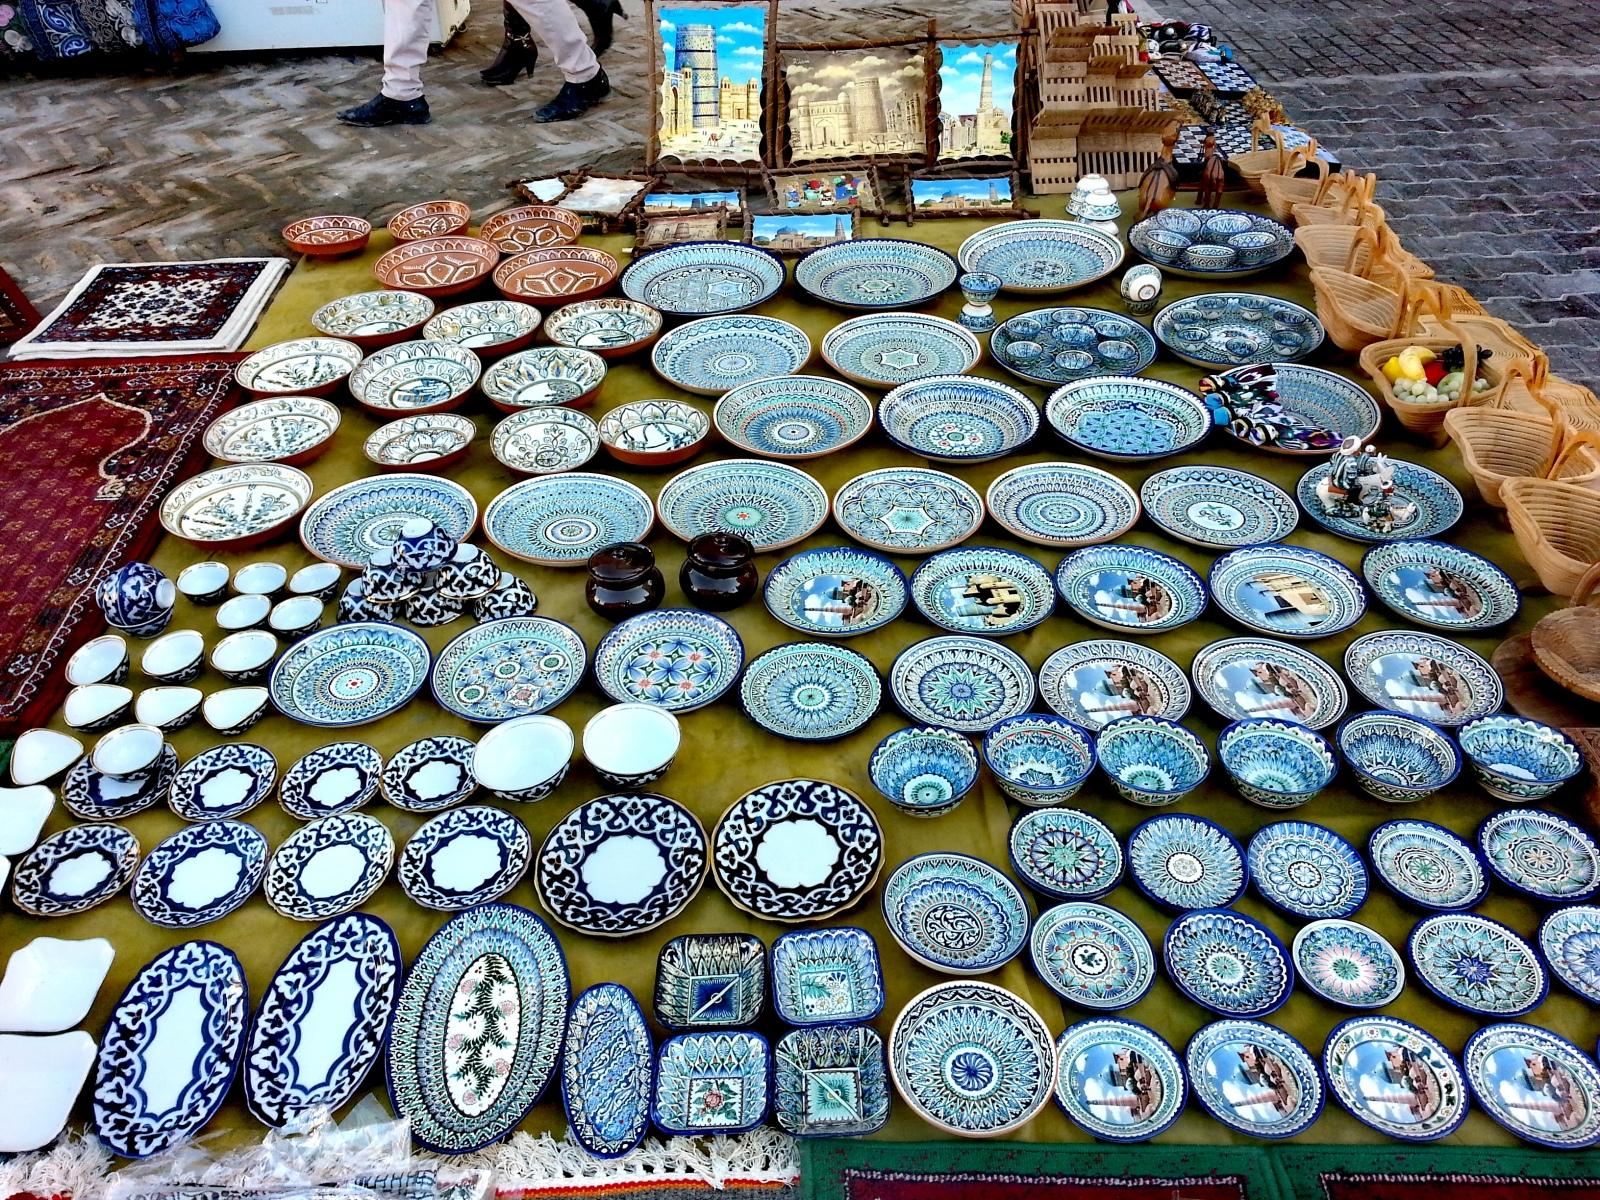 FOTO-NR.-9-le-pregiate-ceramiche-uzbeke-sapientemente-lavorate-a-mano